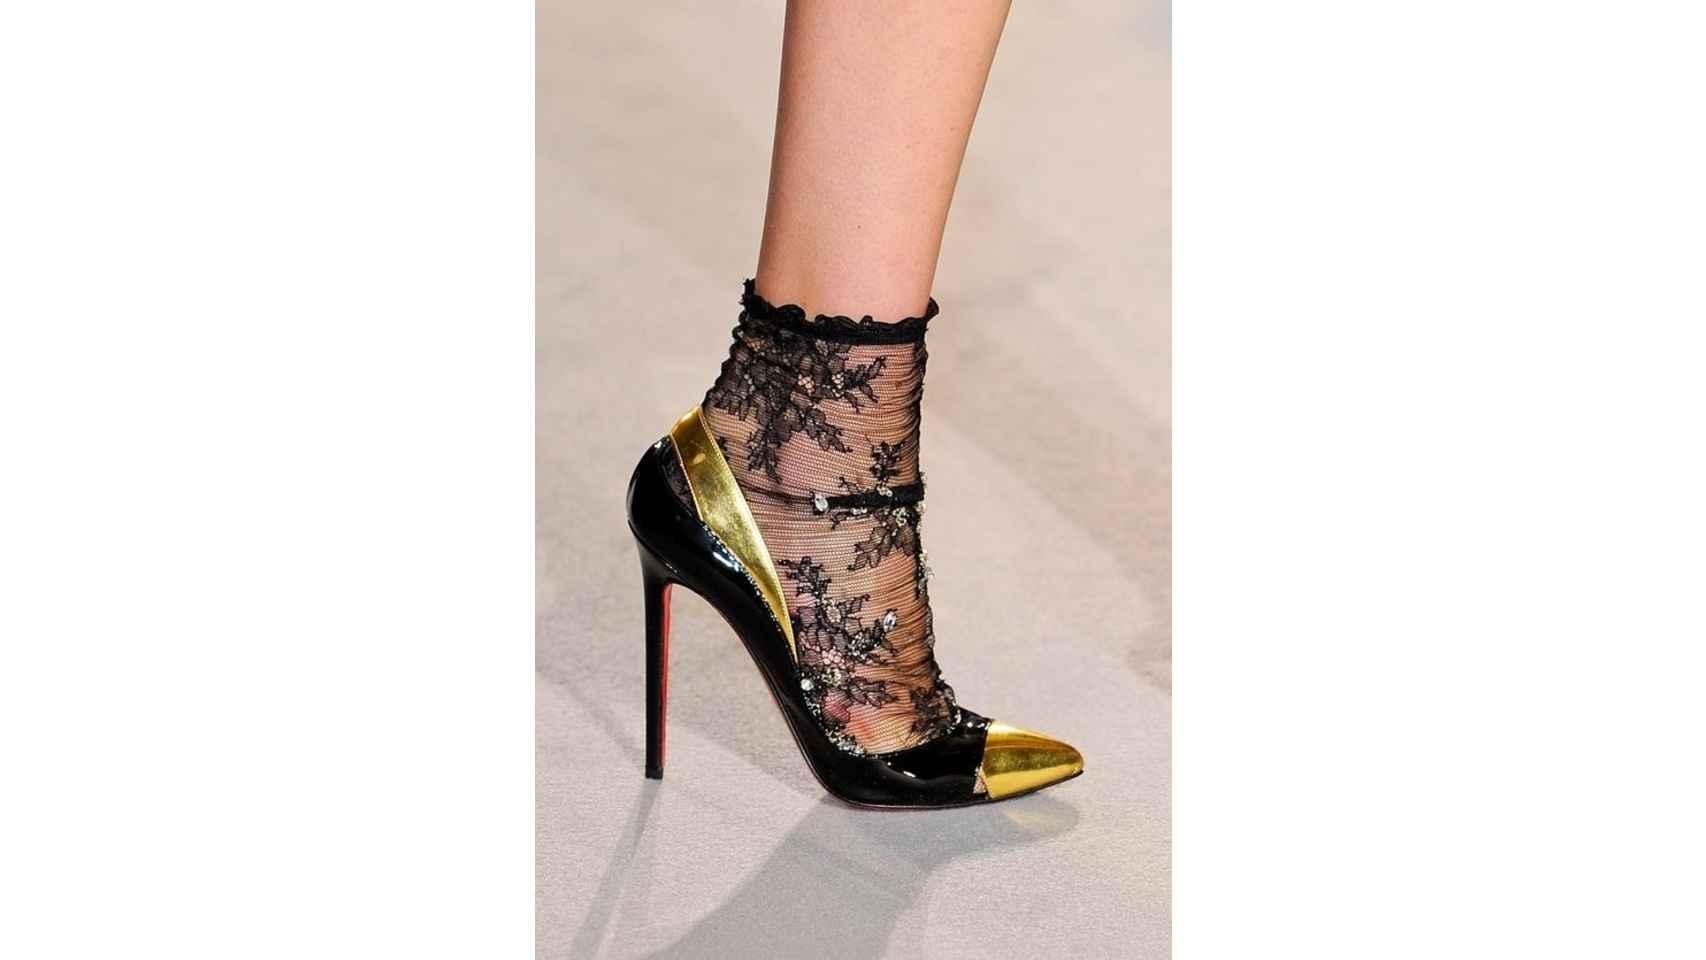 Tacones de charol negros y dorados de Christian Louboutin combinados con medias cortas de encaje.